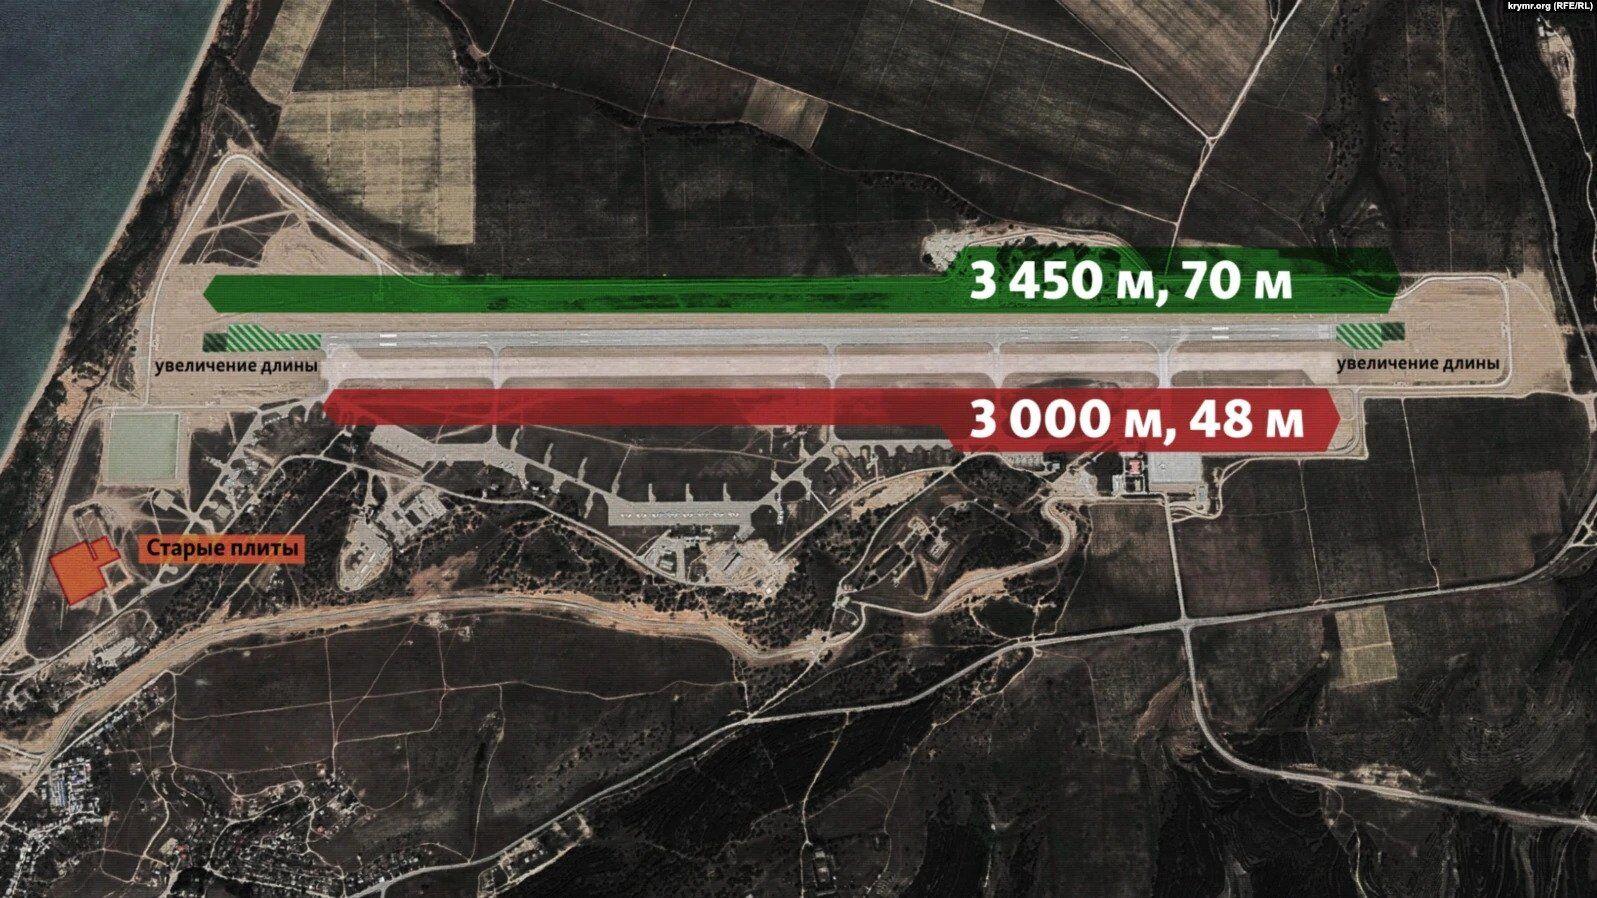 Сравнение старой и новой взлетно-посадочной полосы на аэродроме Бельбек